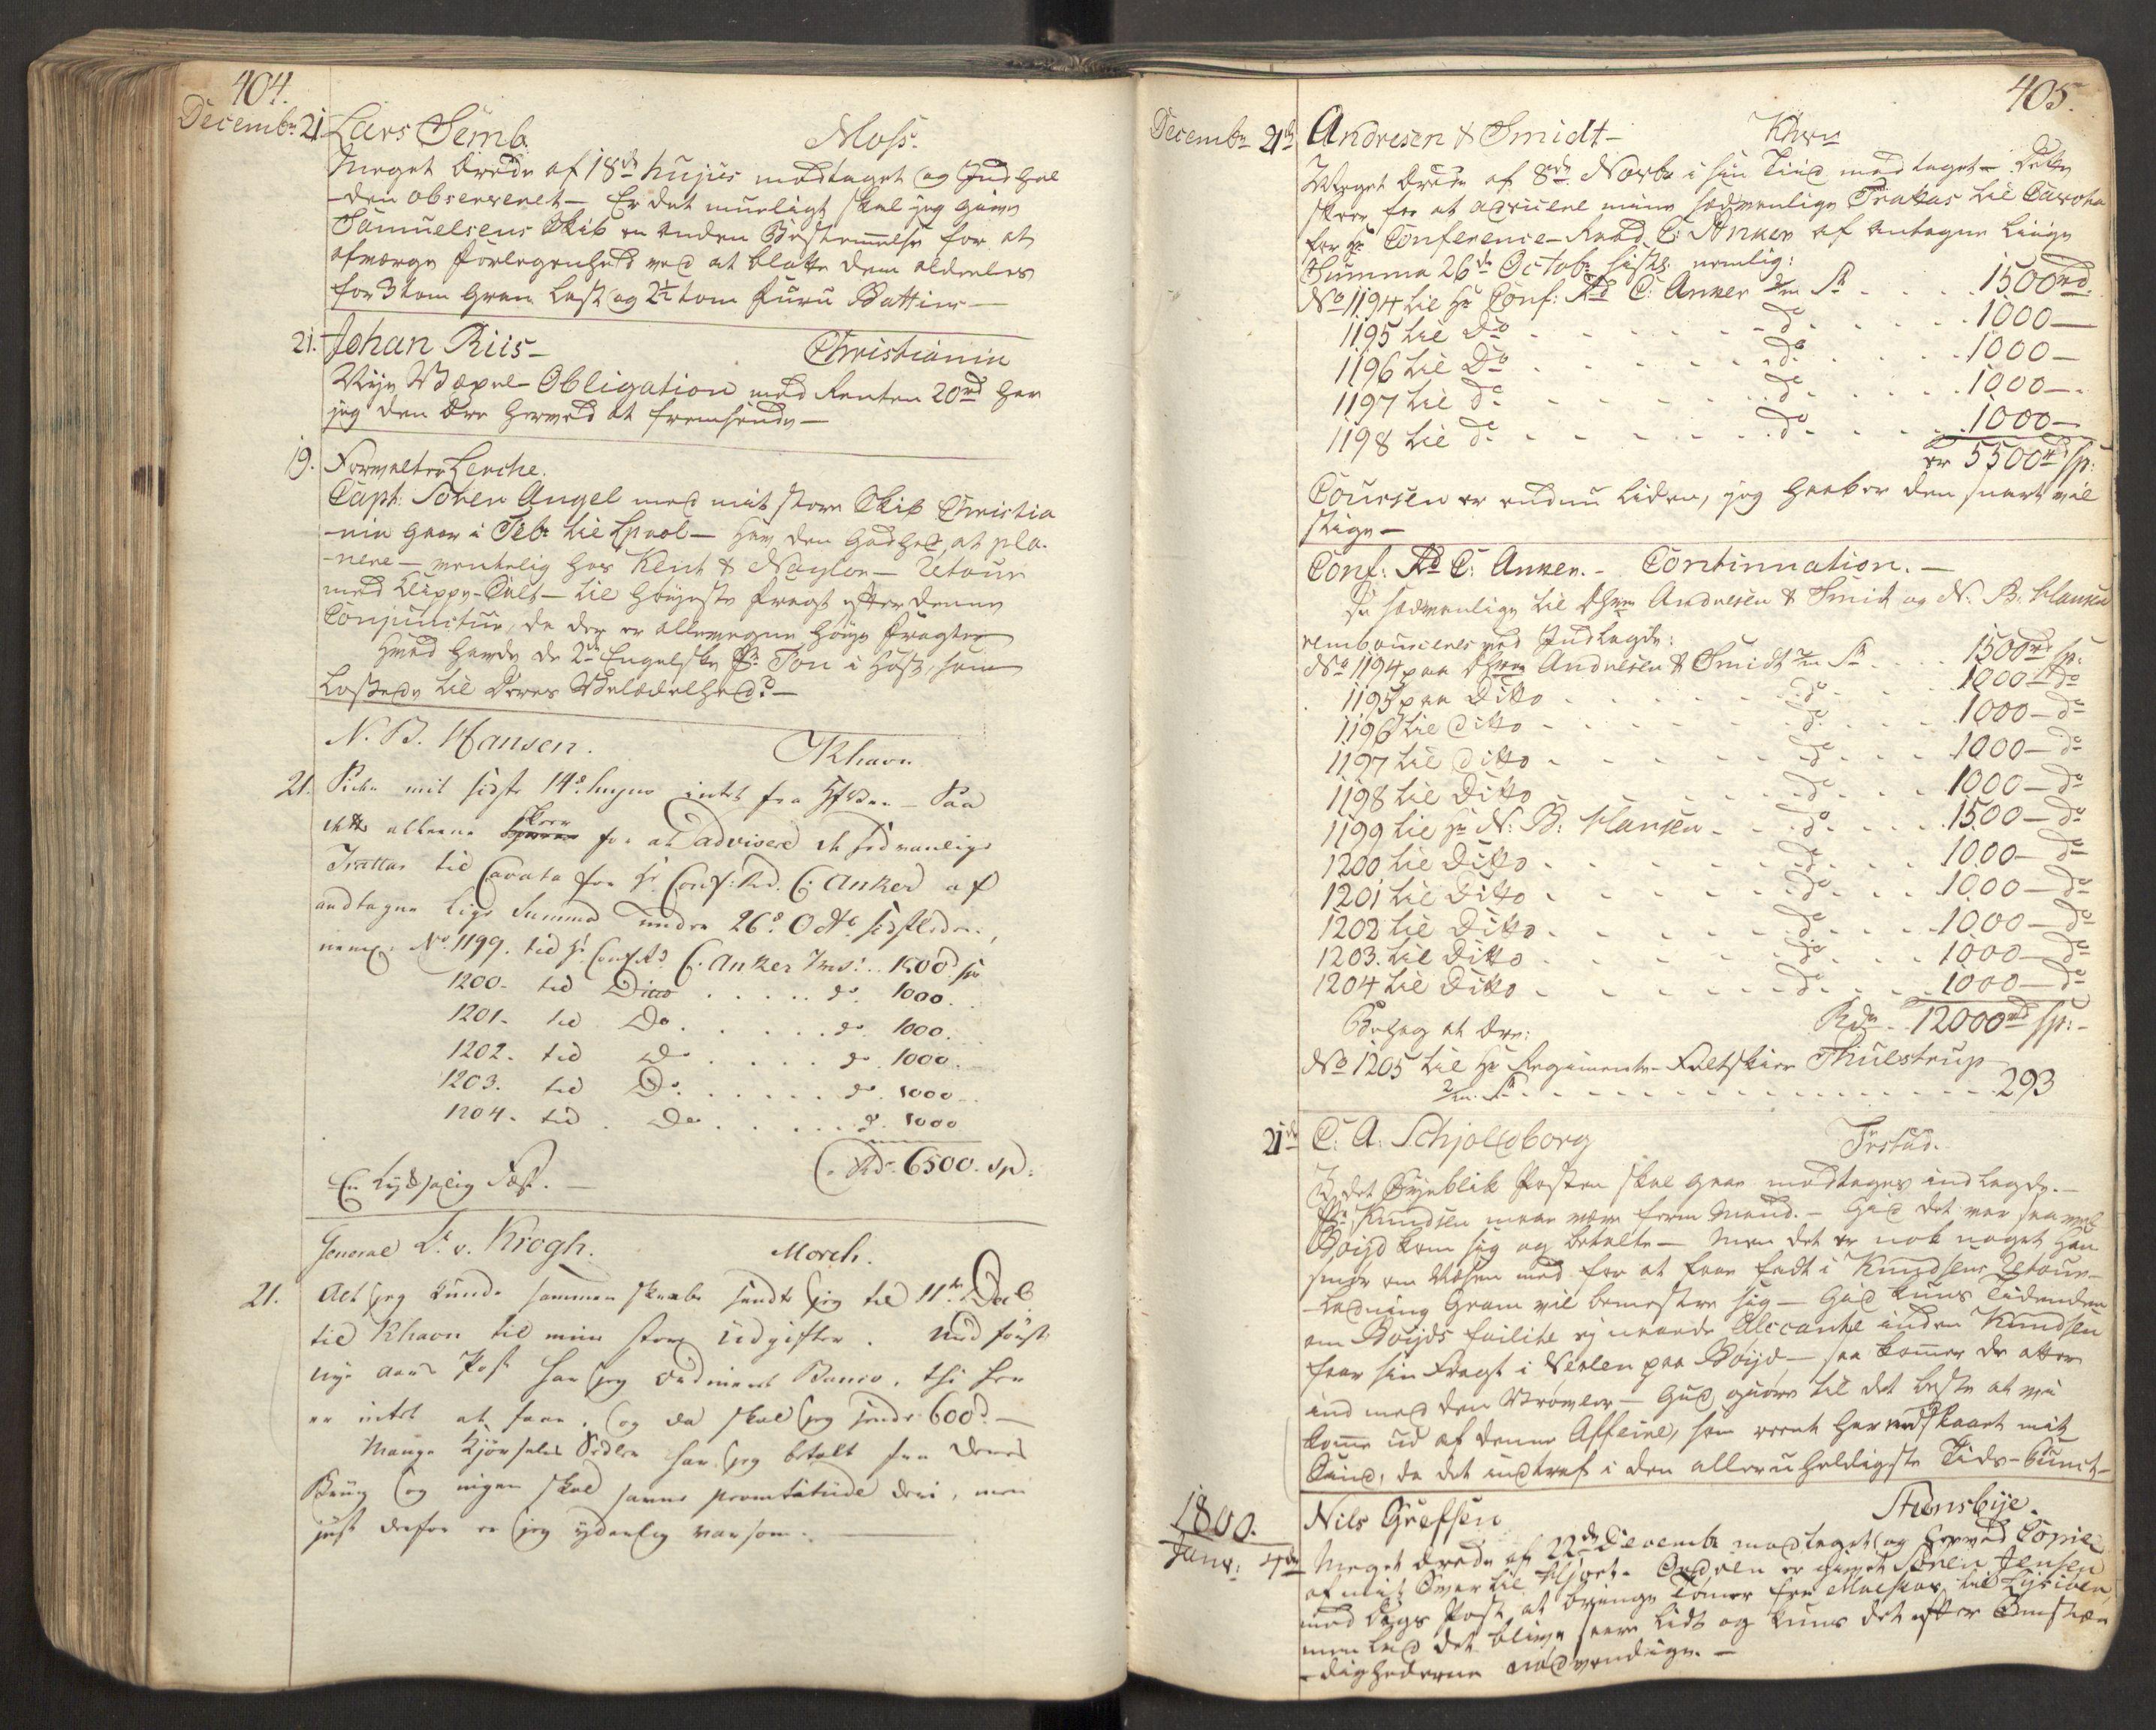 RA, Anker, F/Fa/Gea/L0002, 1798-1801, s. 404-405